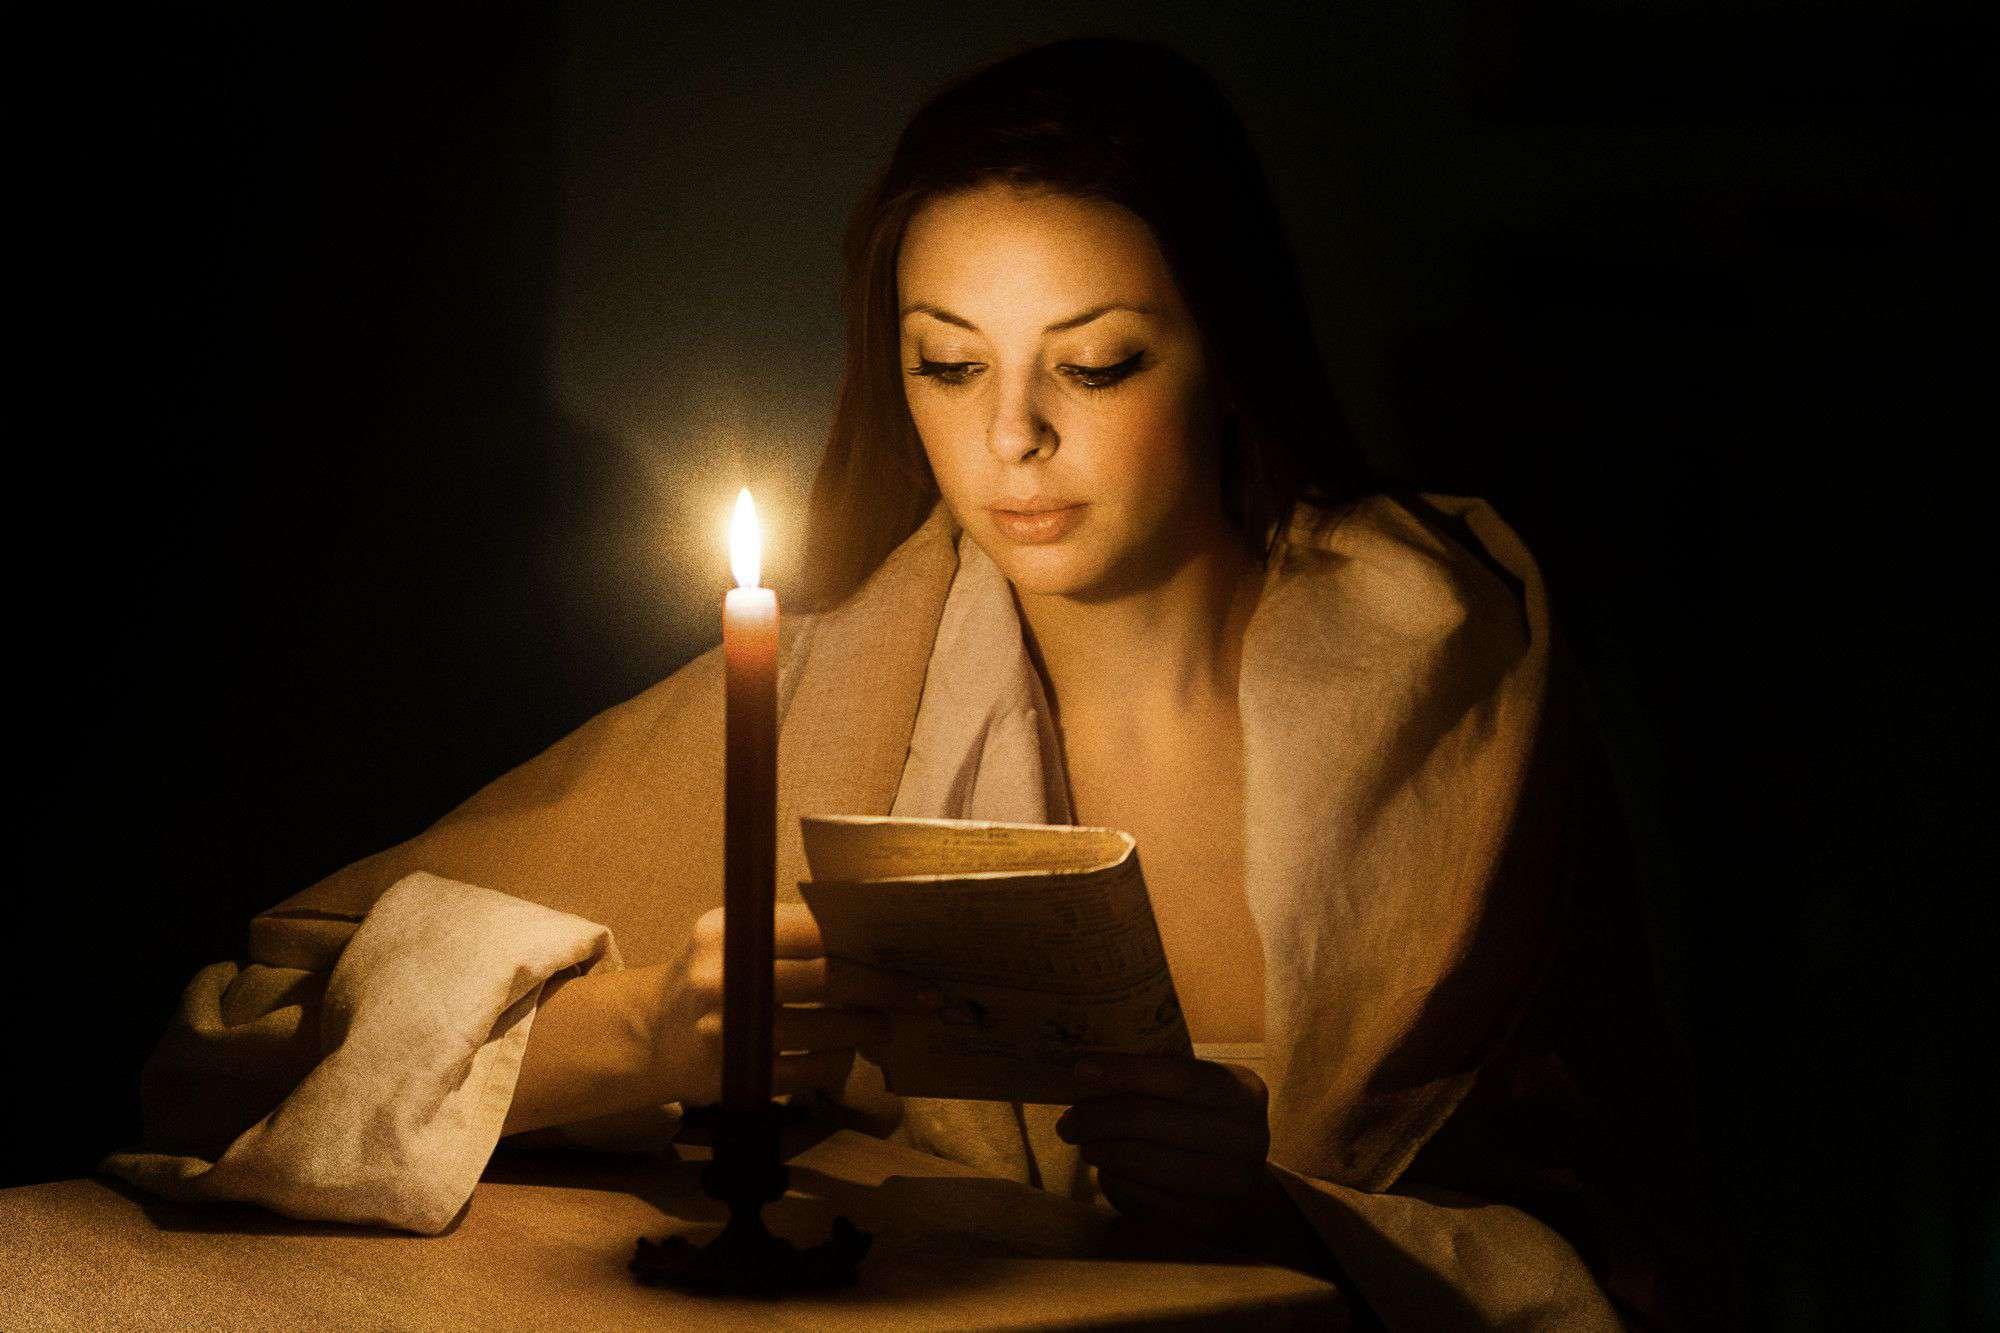 молитва от соперницы очень сильная